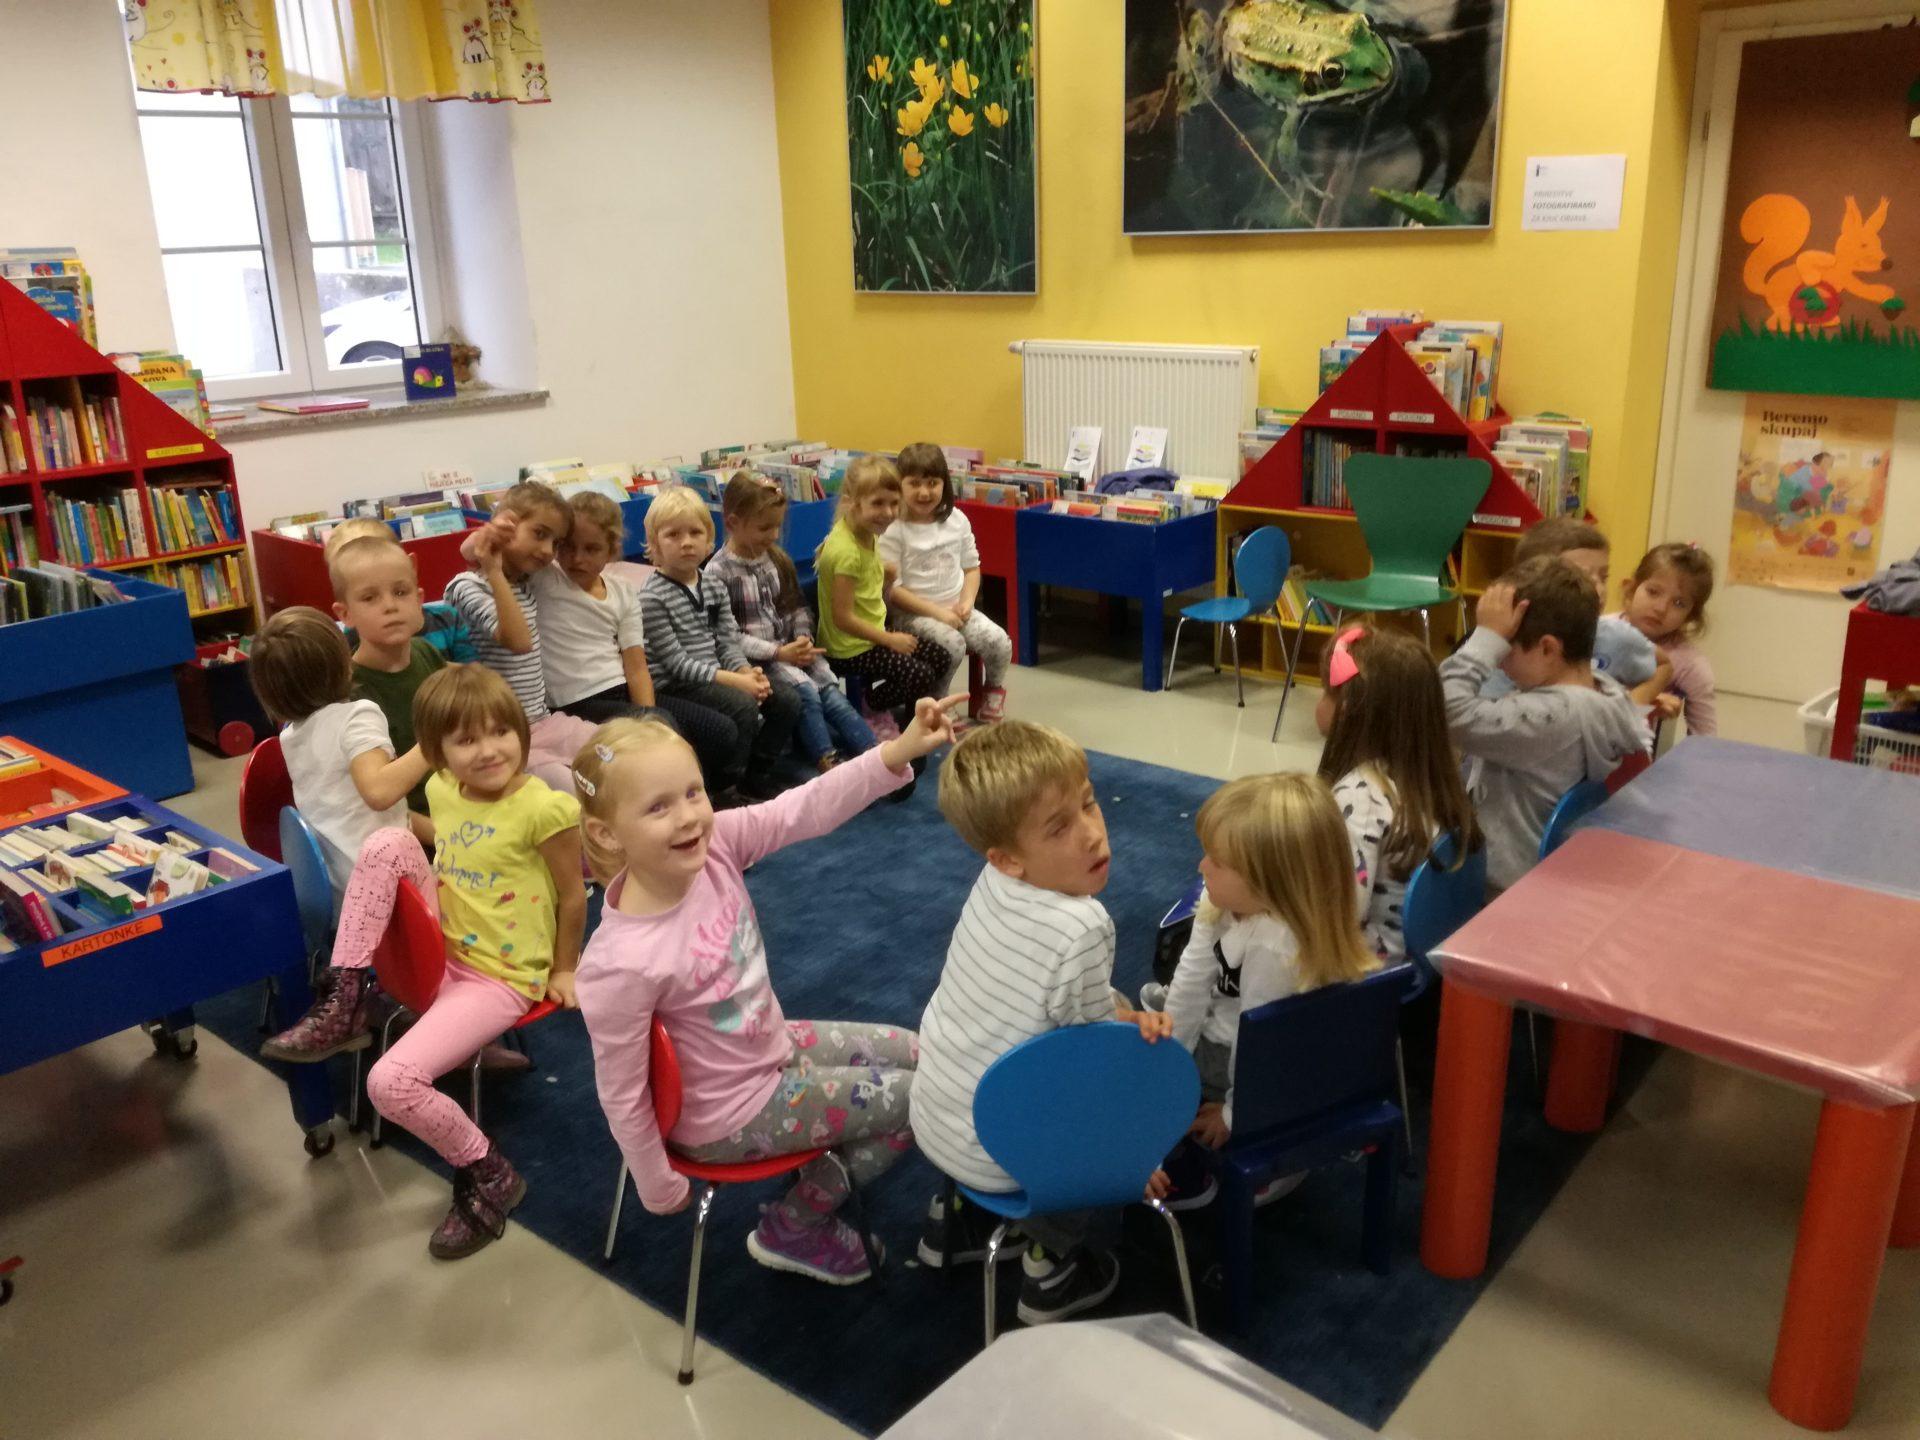 IMG 20191010 170834 - Pravljična urica z ustvarjalno delavnico za otroke od 4. leta dalje